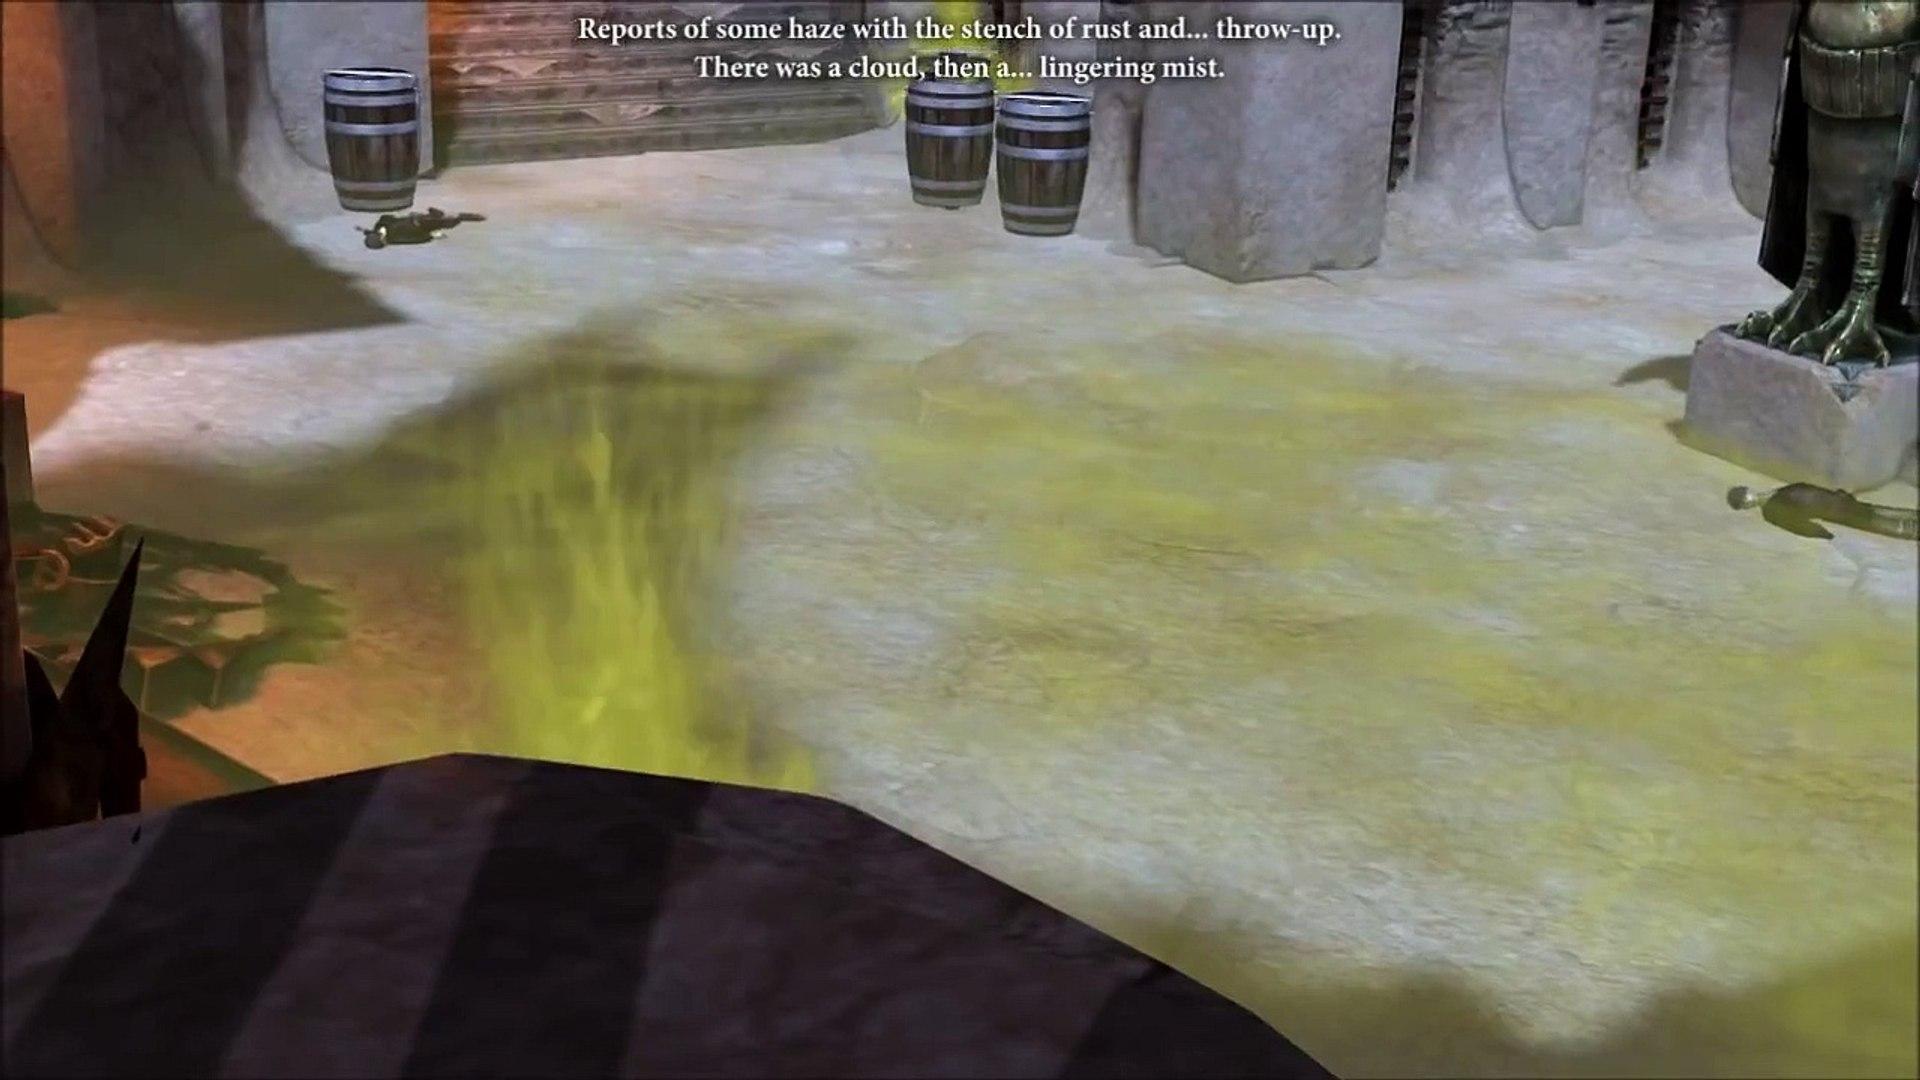 Dragon Age 2: Hawke playing a hero